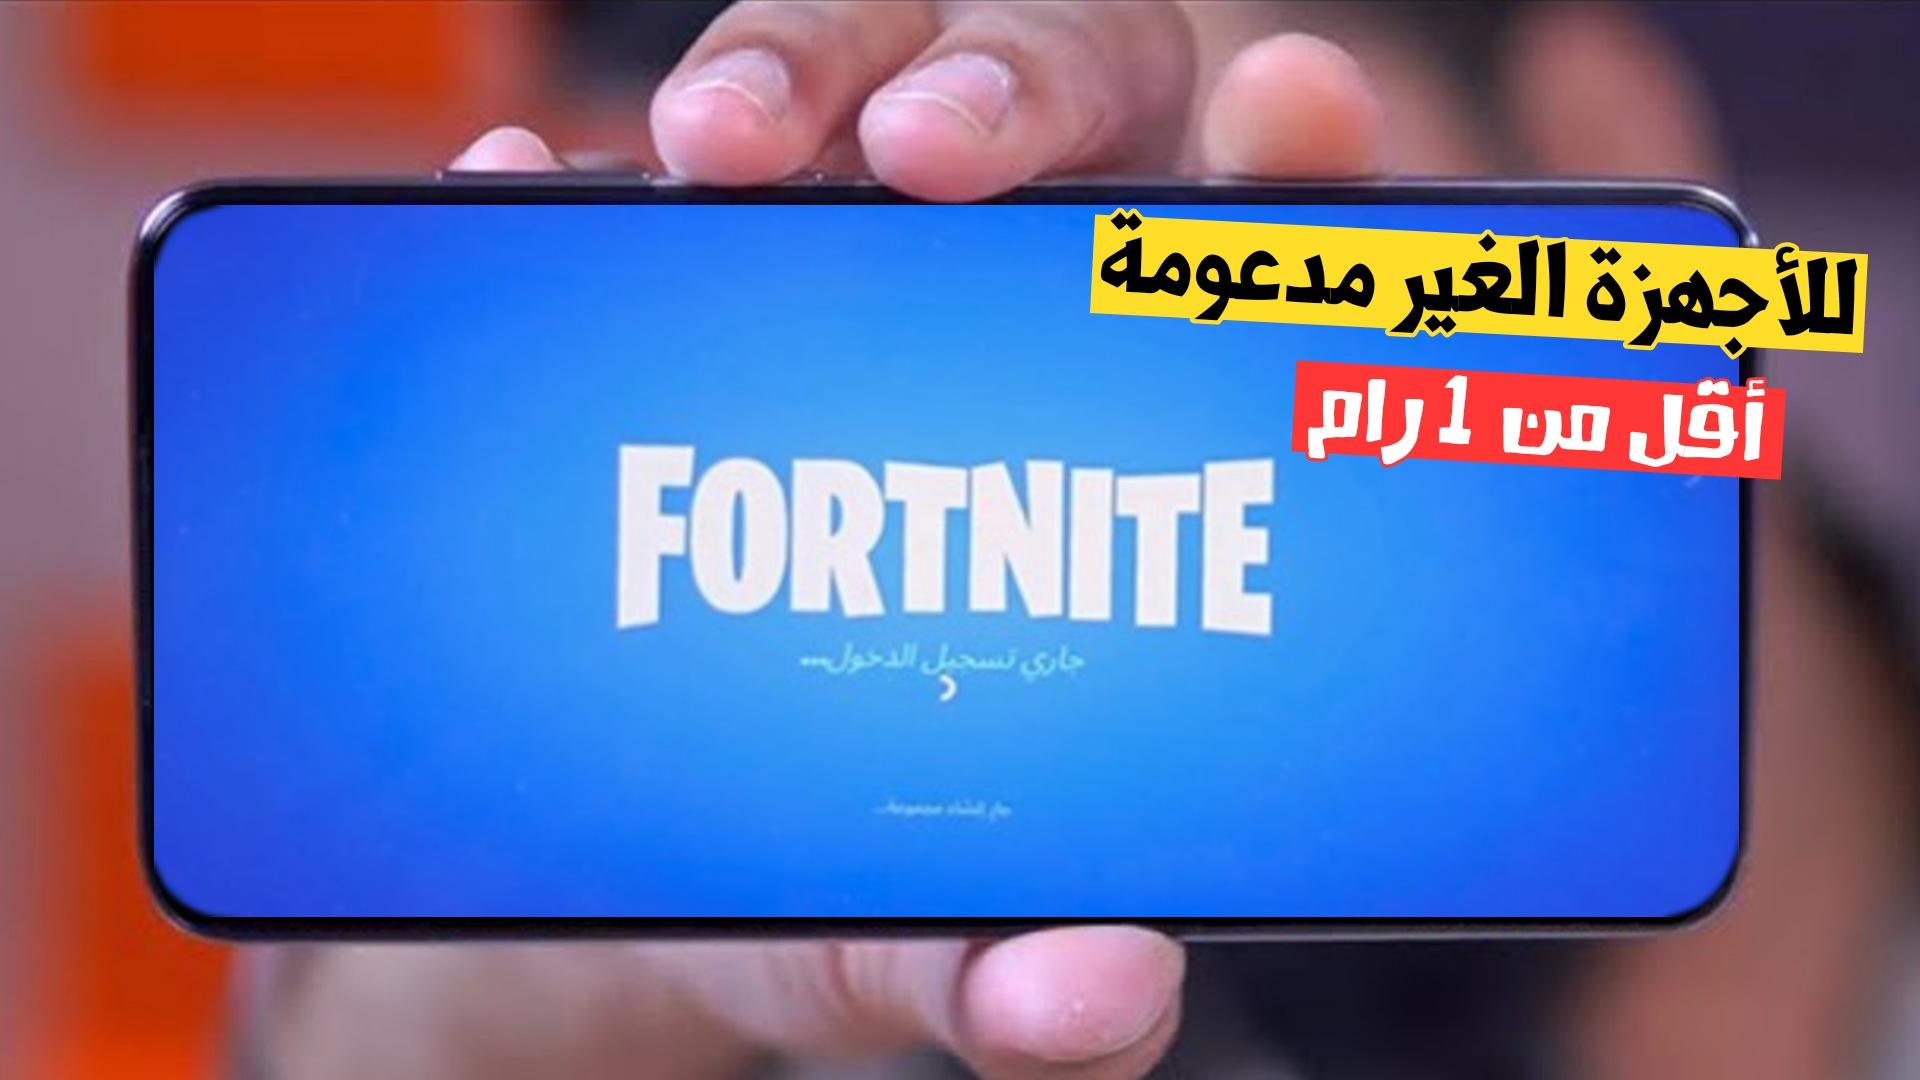 تحميل لعبة Fortnite للاندرويد للاجهزة الغير مدعومة من ميديا فاير اخر اصدار 2021